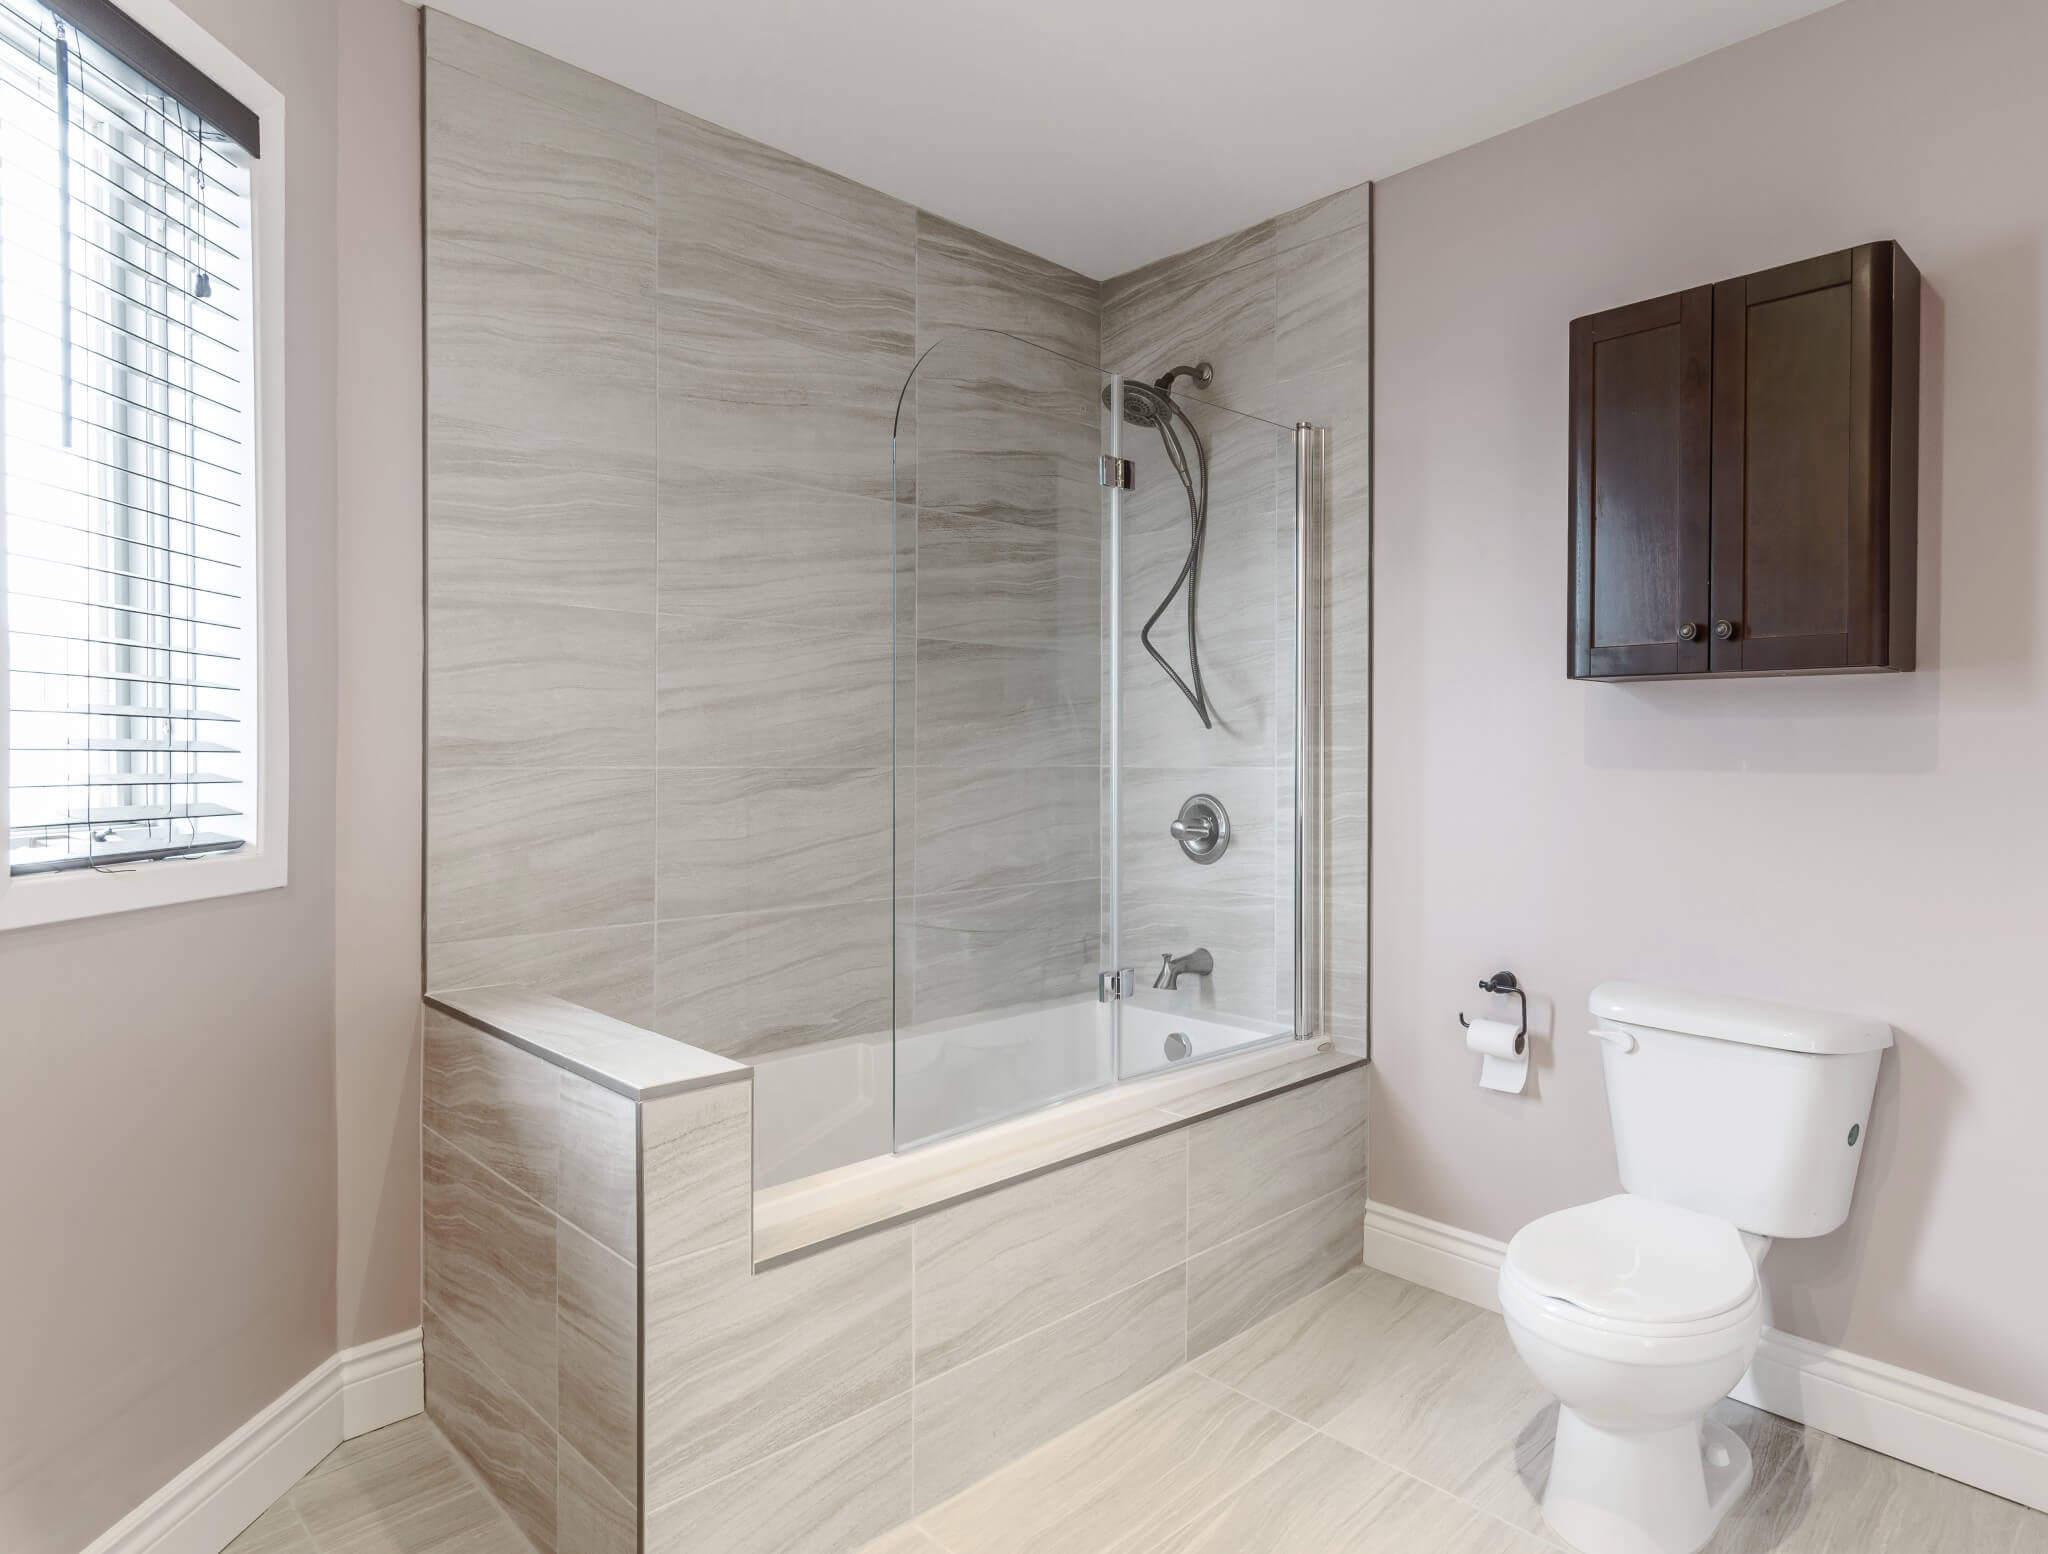 Salle De Bain Longueuil ~ am nagement d une salle de bain r novation famille doucet